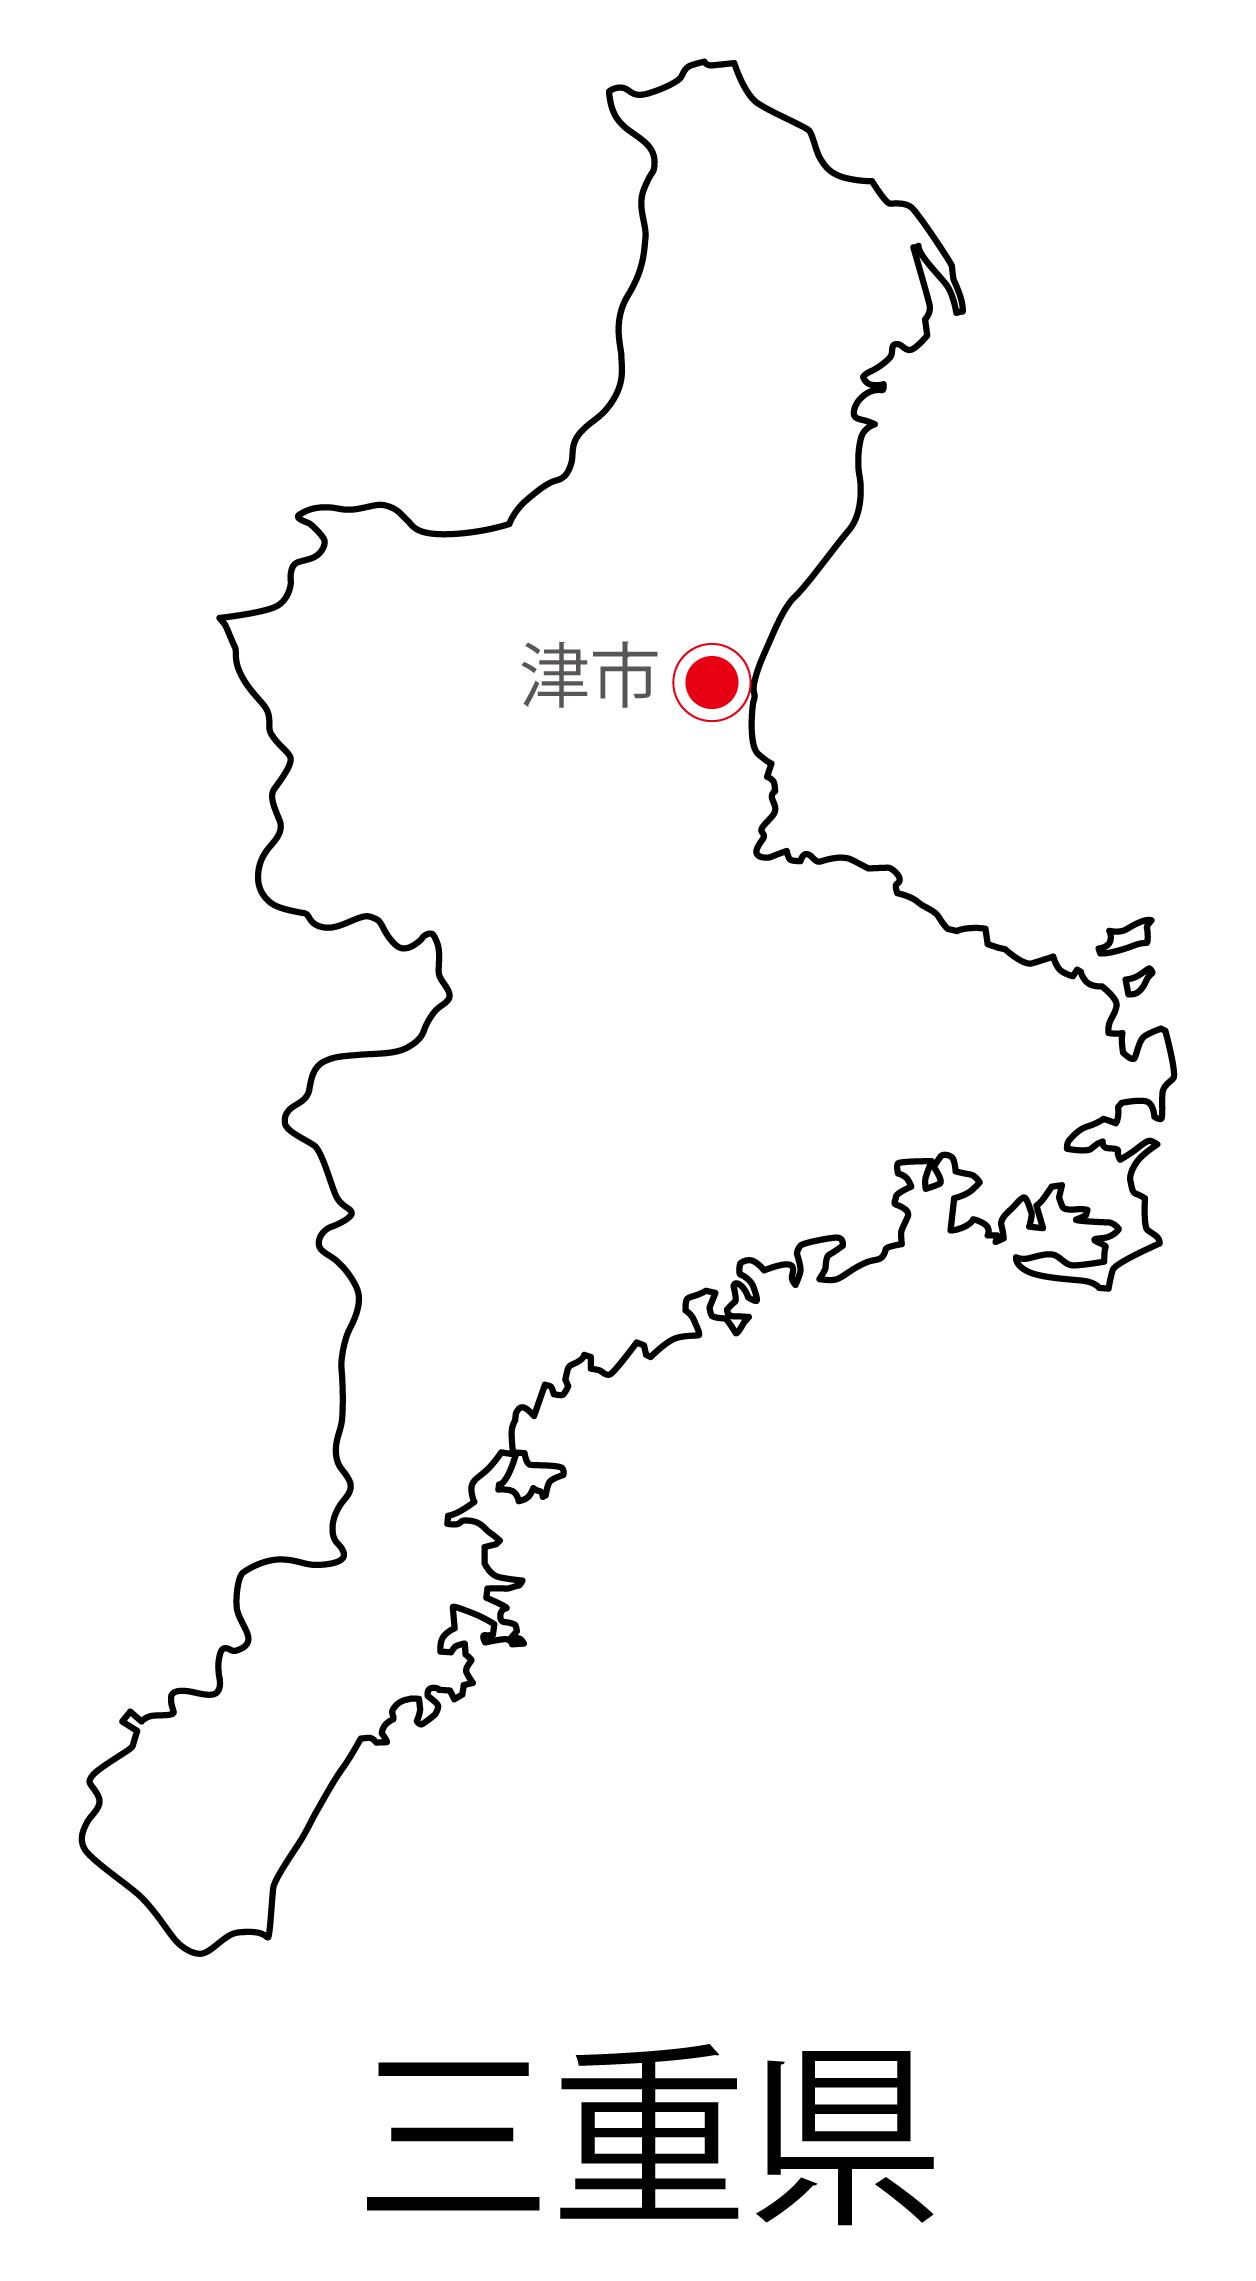 三重県無料フリーイラスト|日本語・都道府県名あり・県庁所在地あり(白)